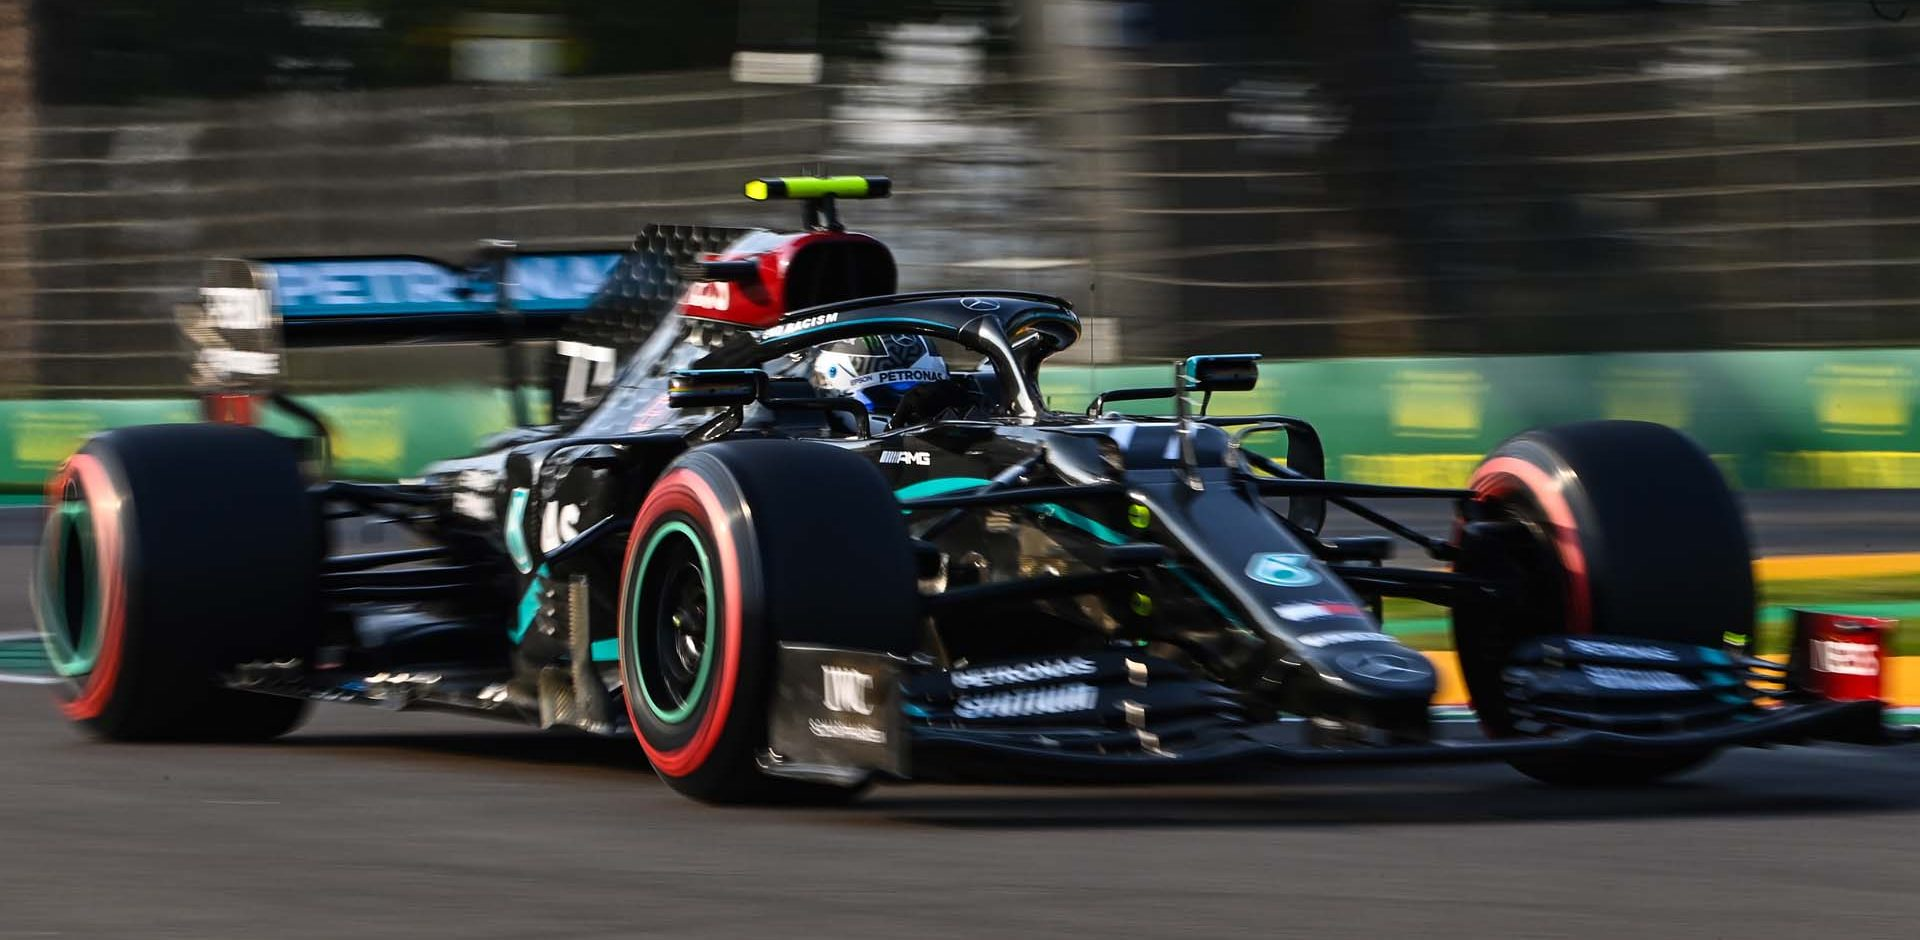 2020 Emilia Romagna Grand Prix, Saturday - LAT Images Valtteri Bottas Mercedes